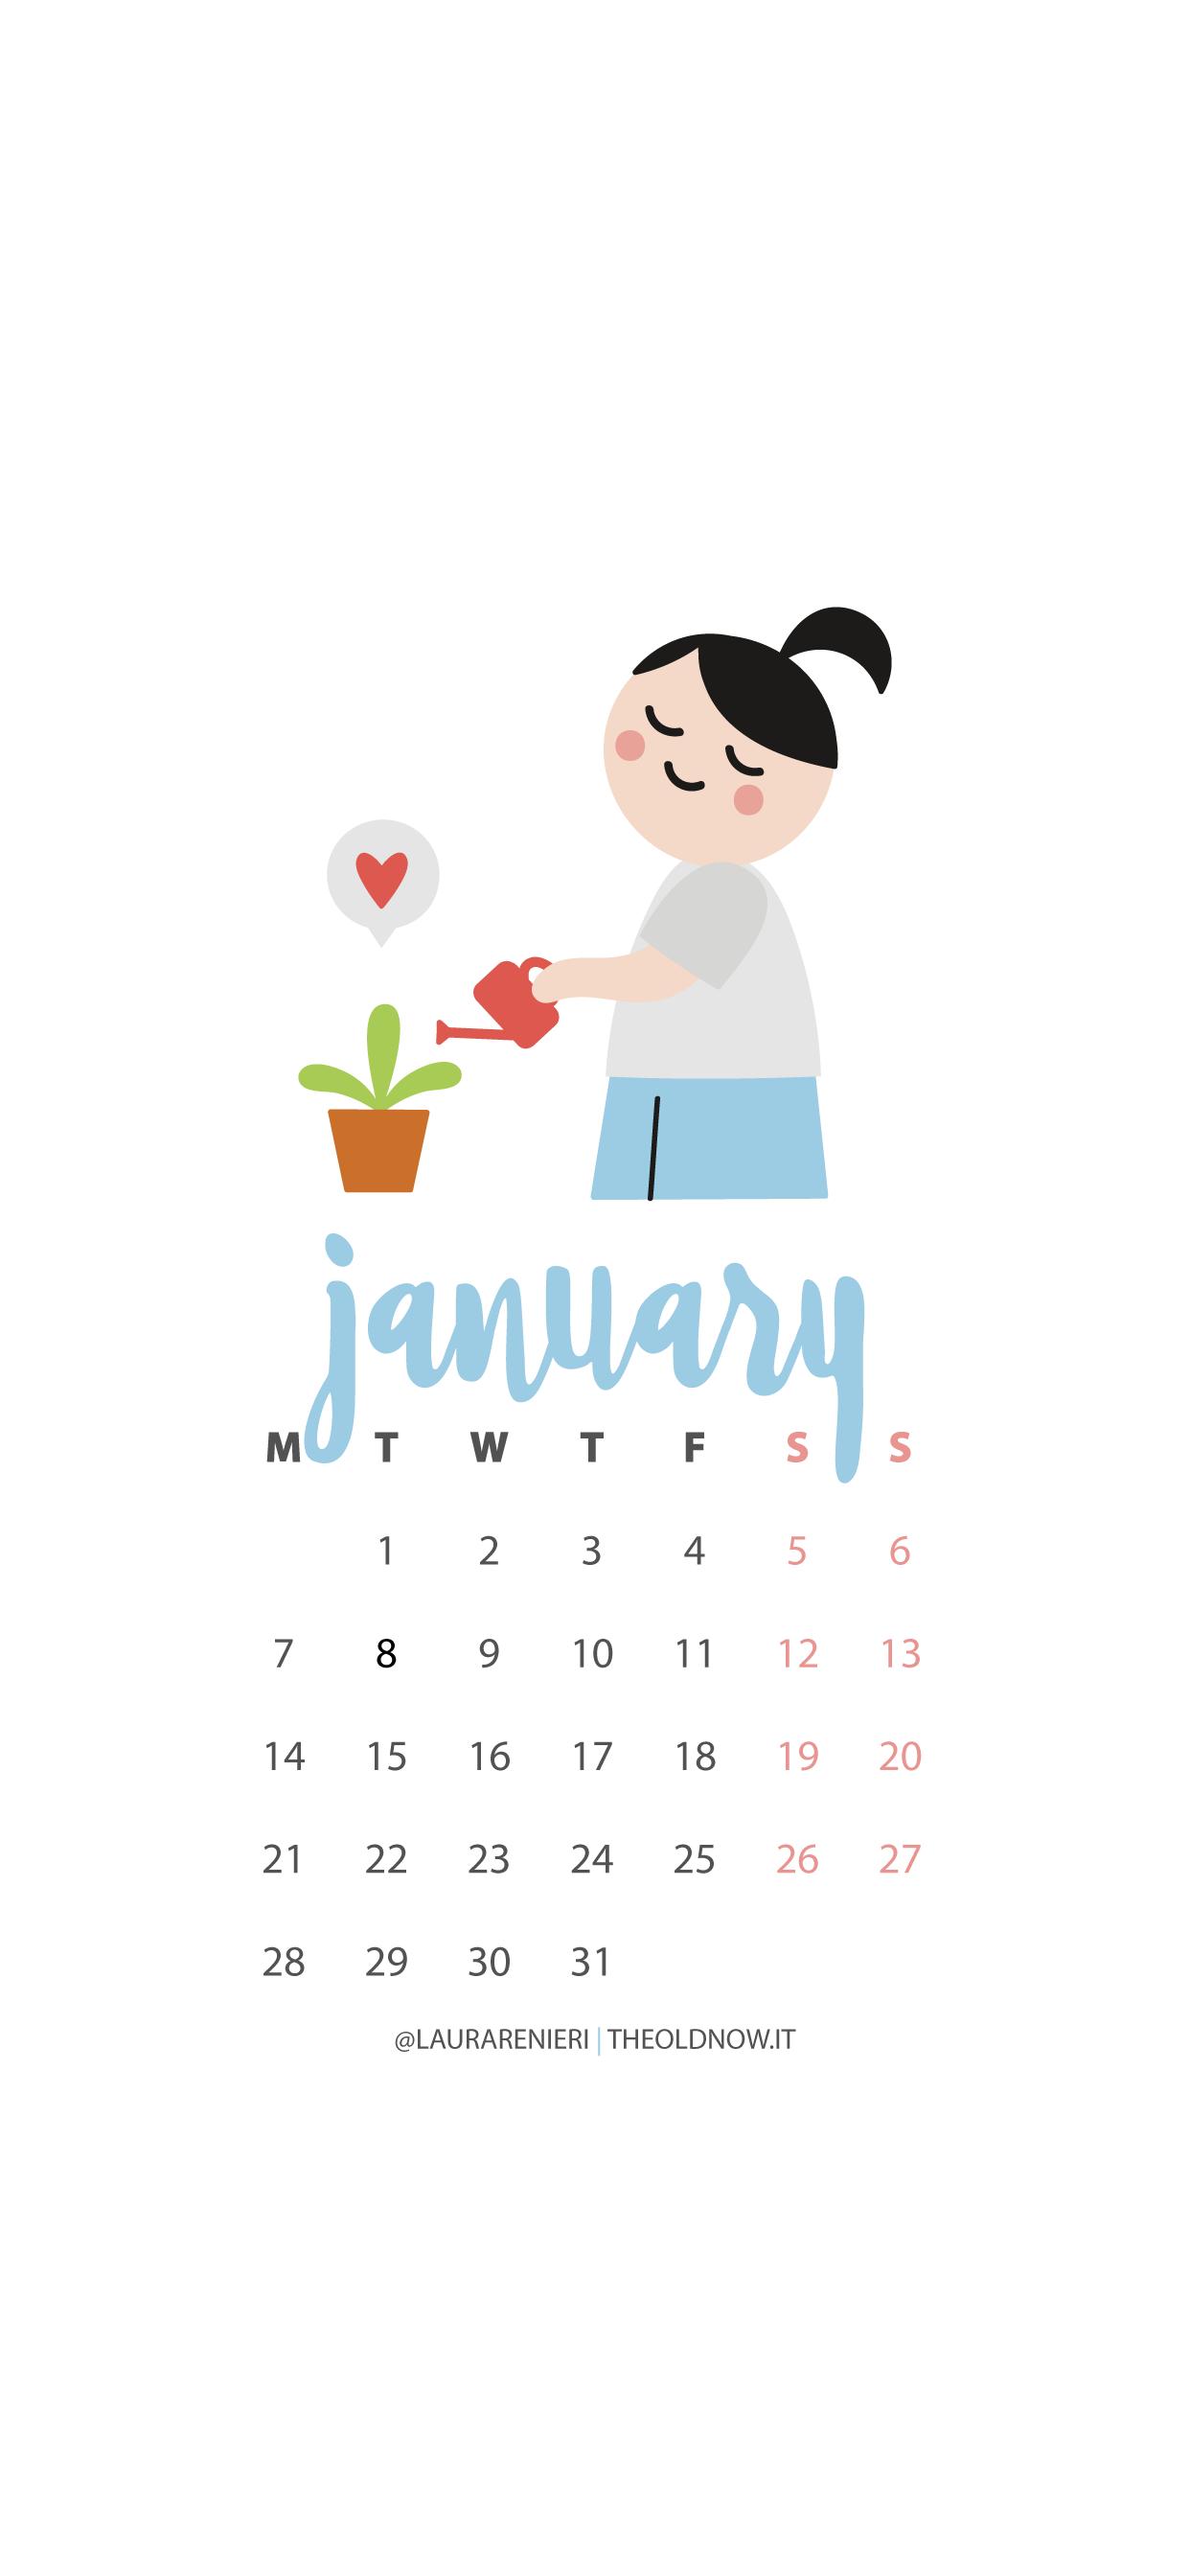 ton_calendar_01_mobile1b